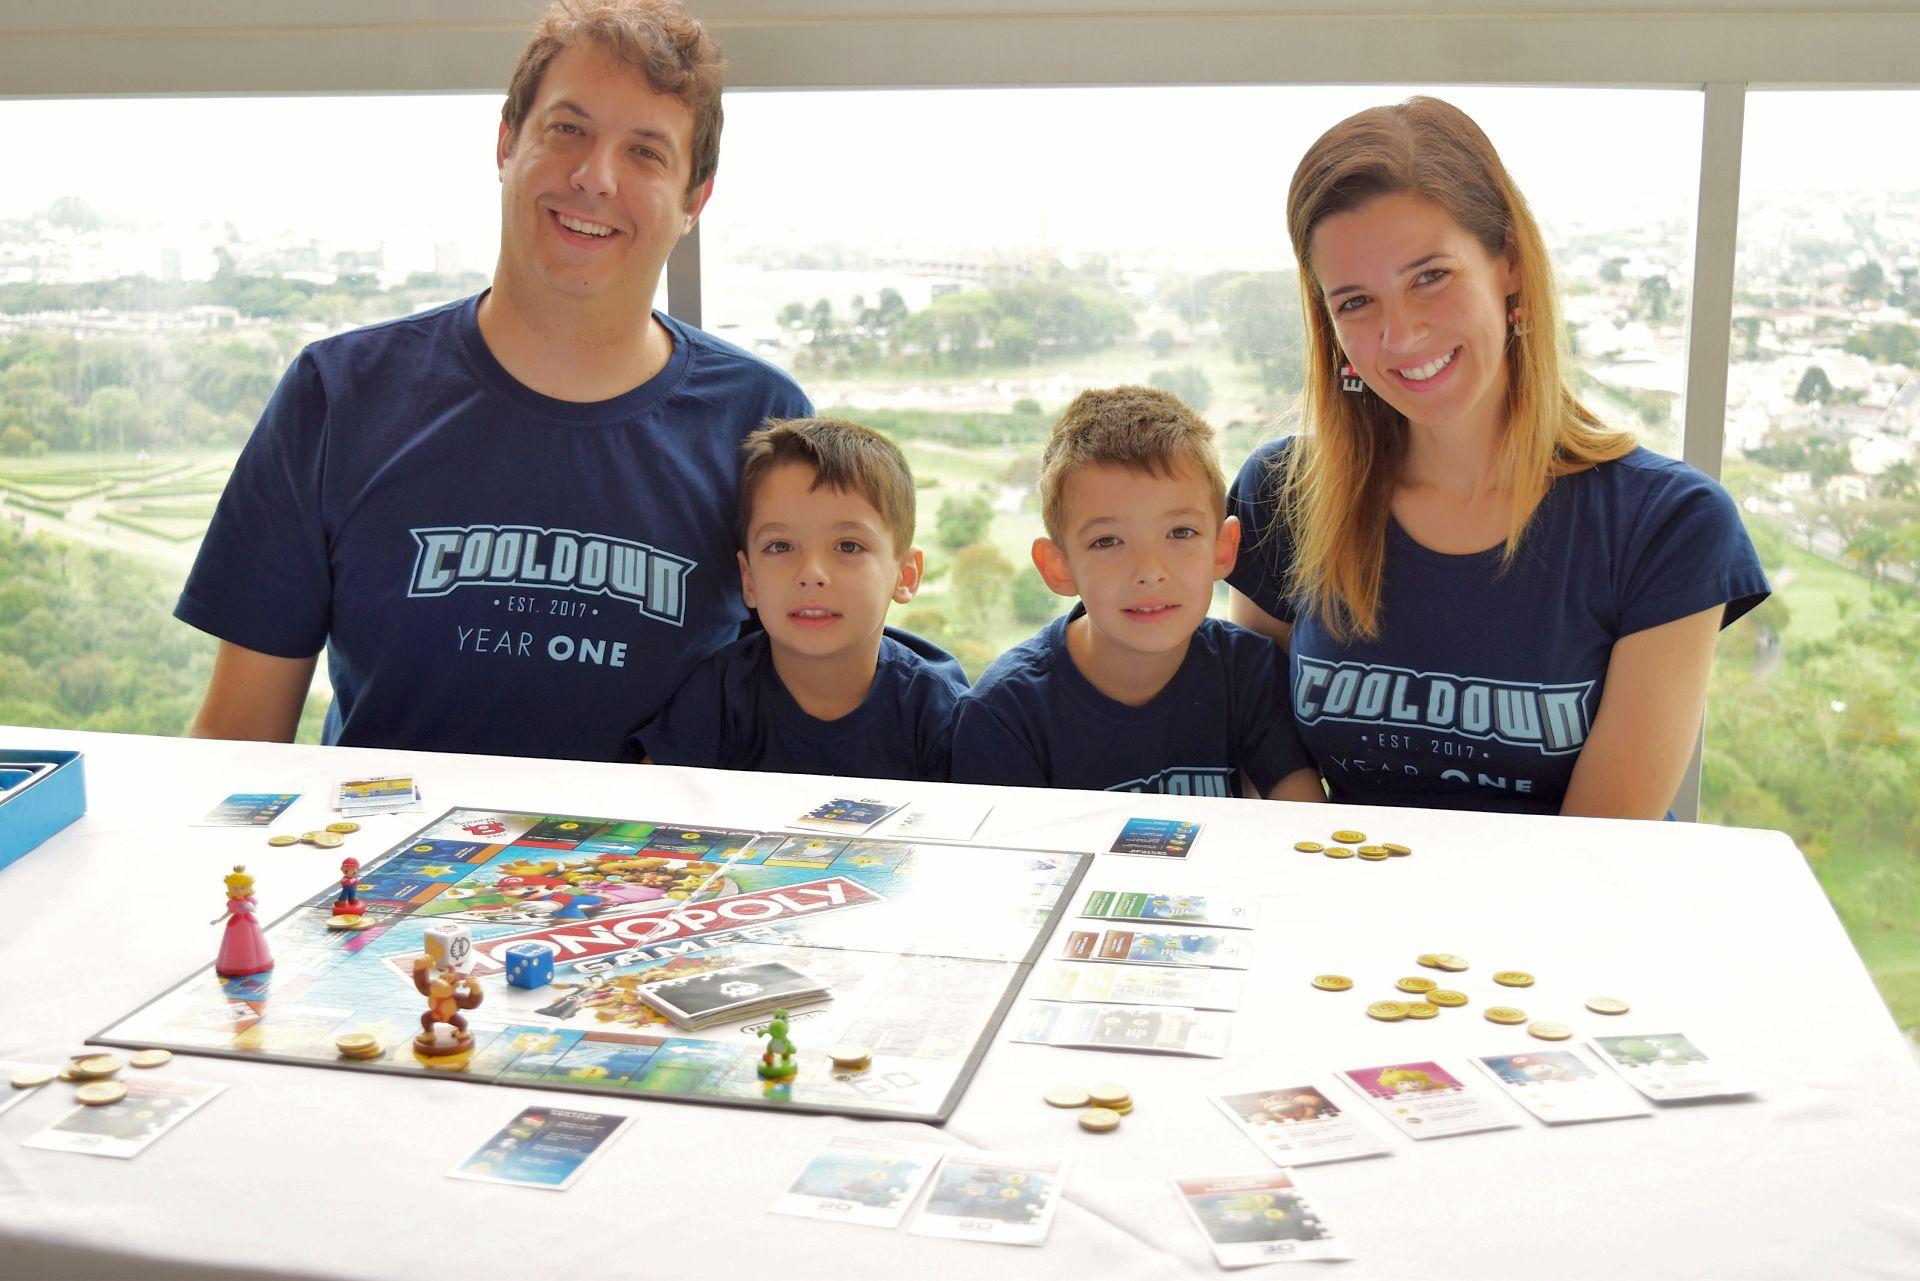 Os pequenos Nicola e Daniel muitas vezes jogam melhor que o pai, um viciado em games. A mãe, Fernanda, brinca junto. Foto: Guilherme Grandi/Gazeta do Povo.